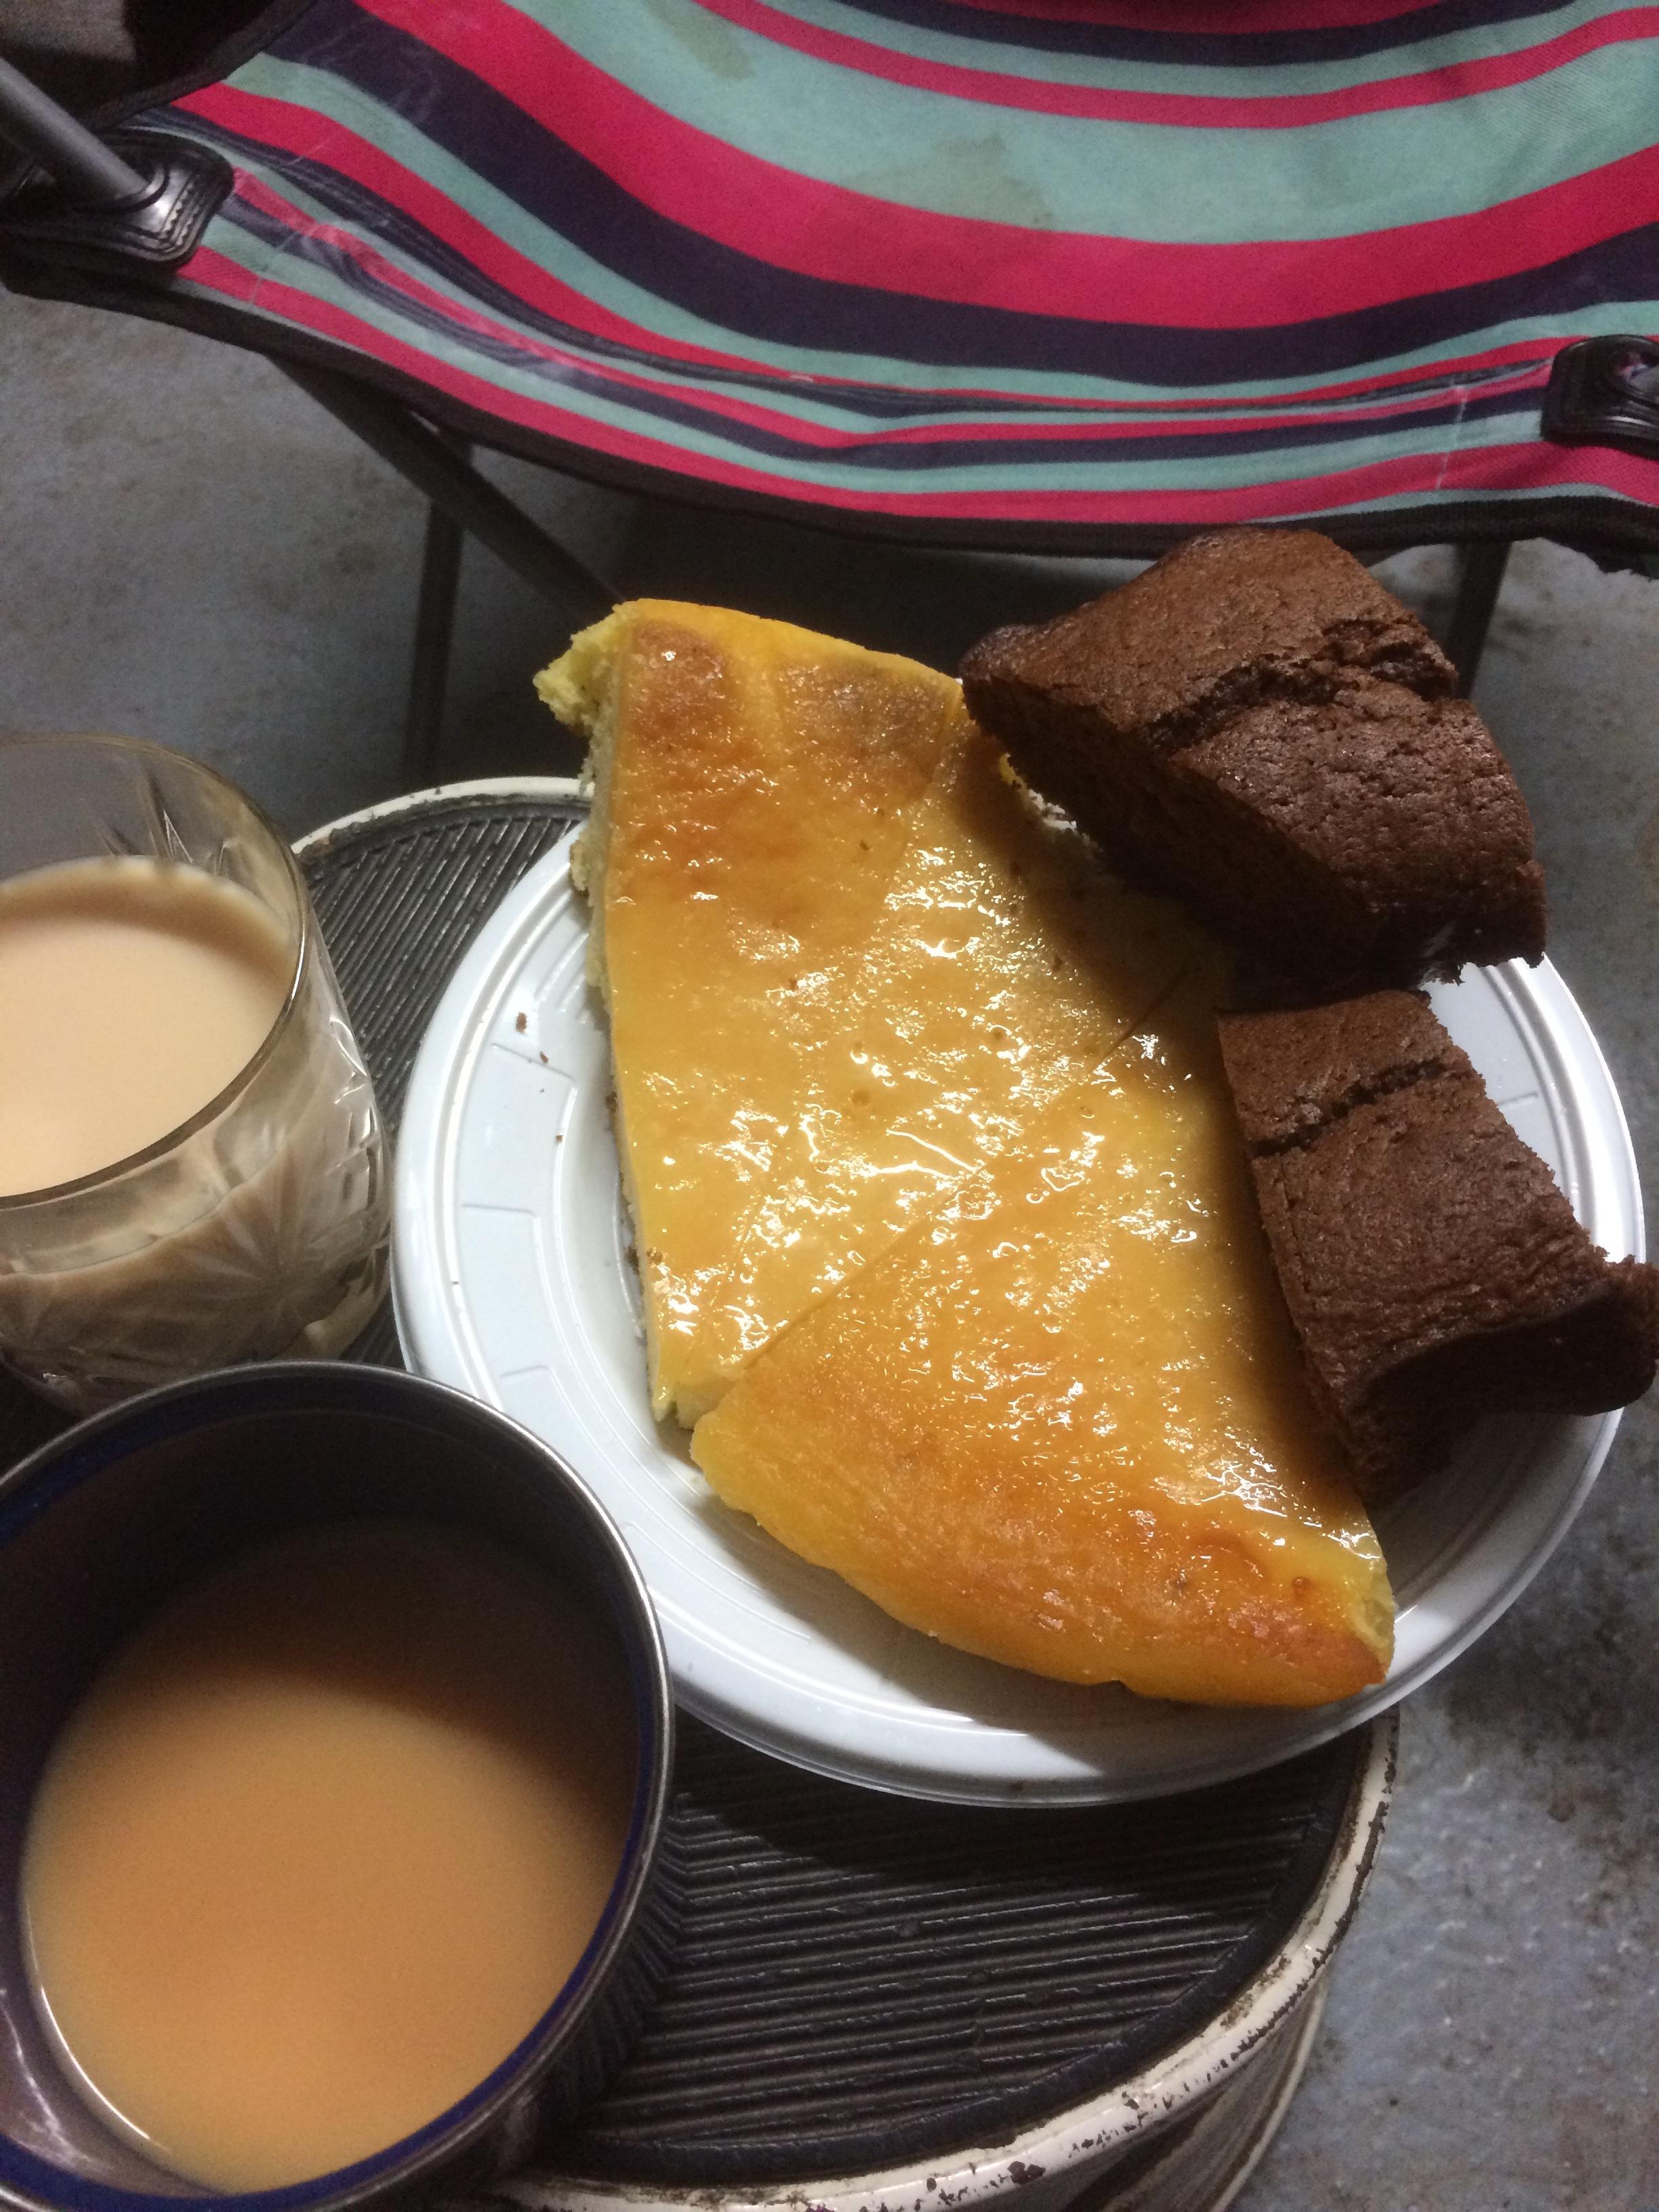 tea_cake_chair_basement_Paris_december_2017.JPG